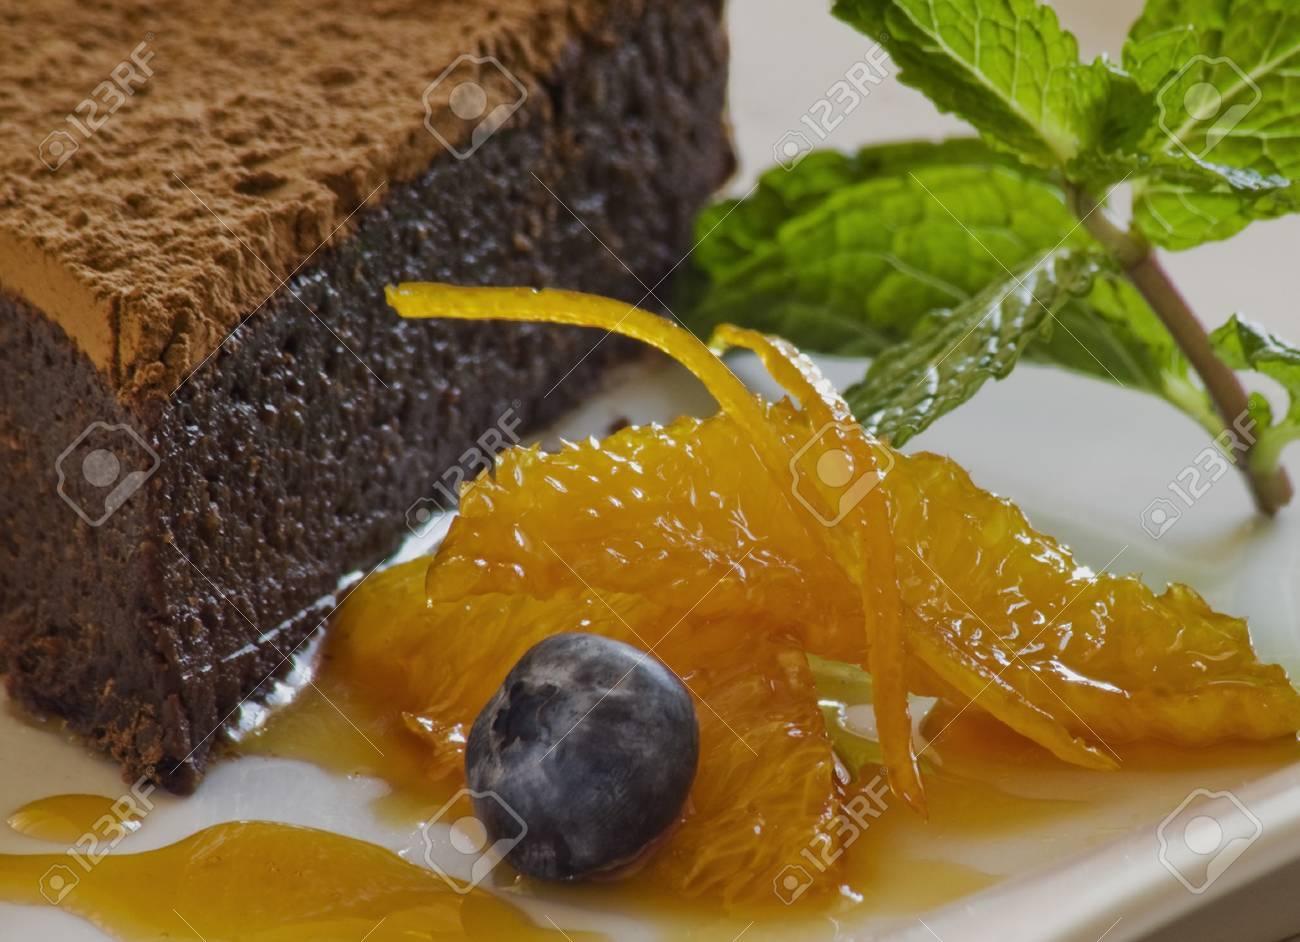 Chocolte hazelnut cake with garnish Stock Photo - 8278833